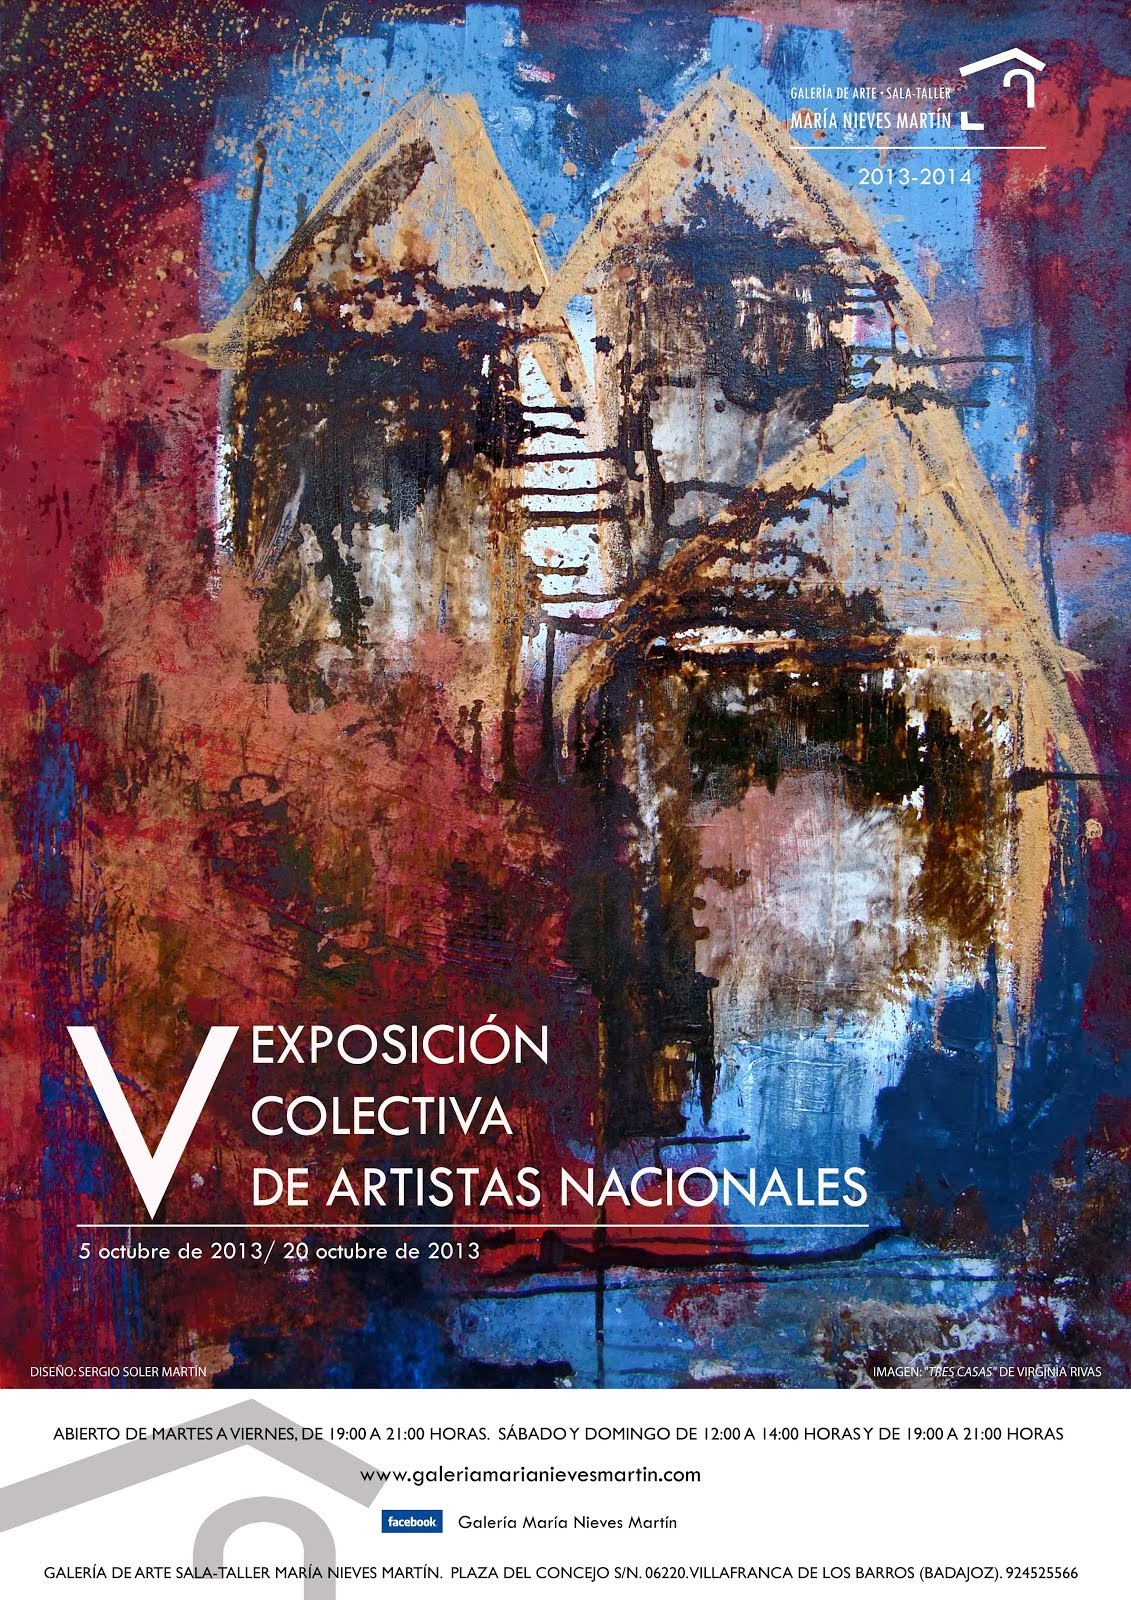 V Exposición Colectiva de Artistas Nacionales